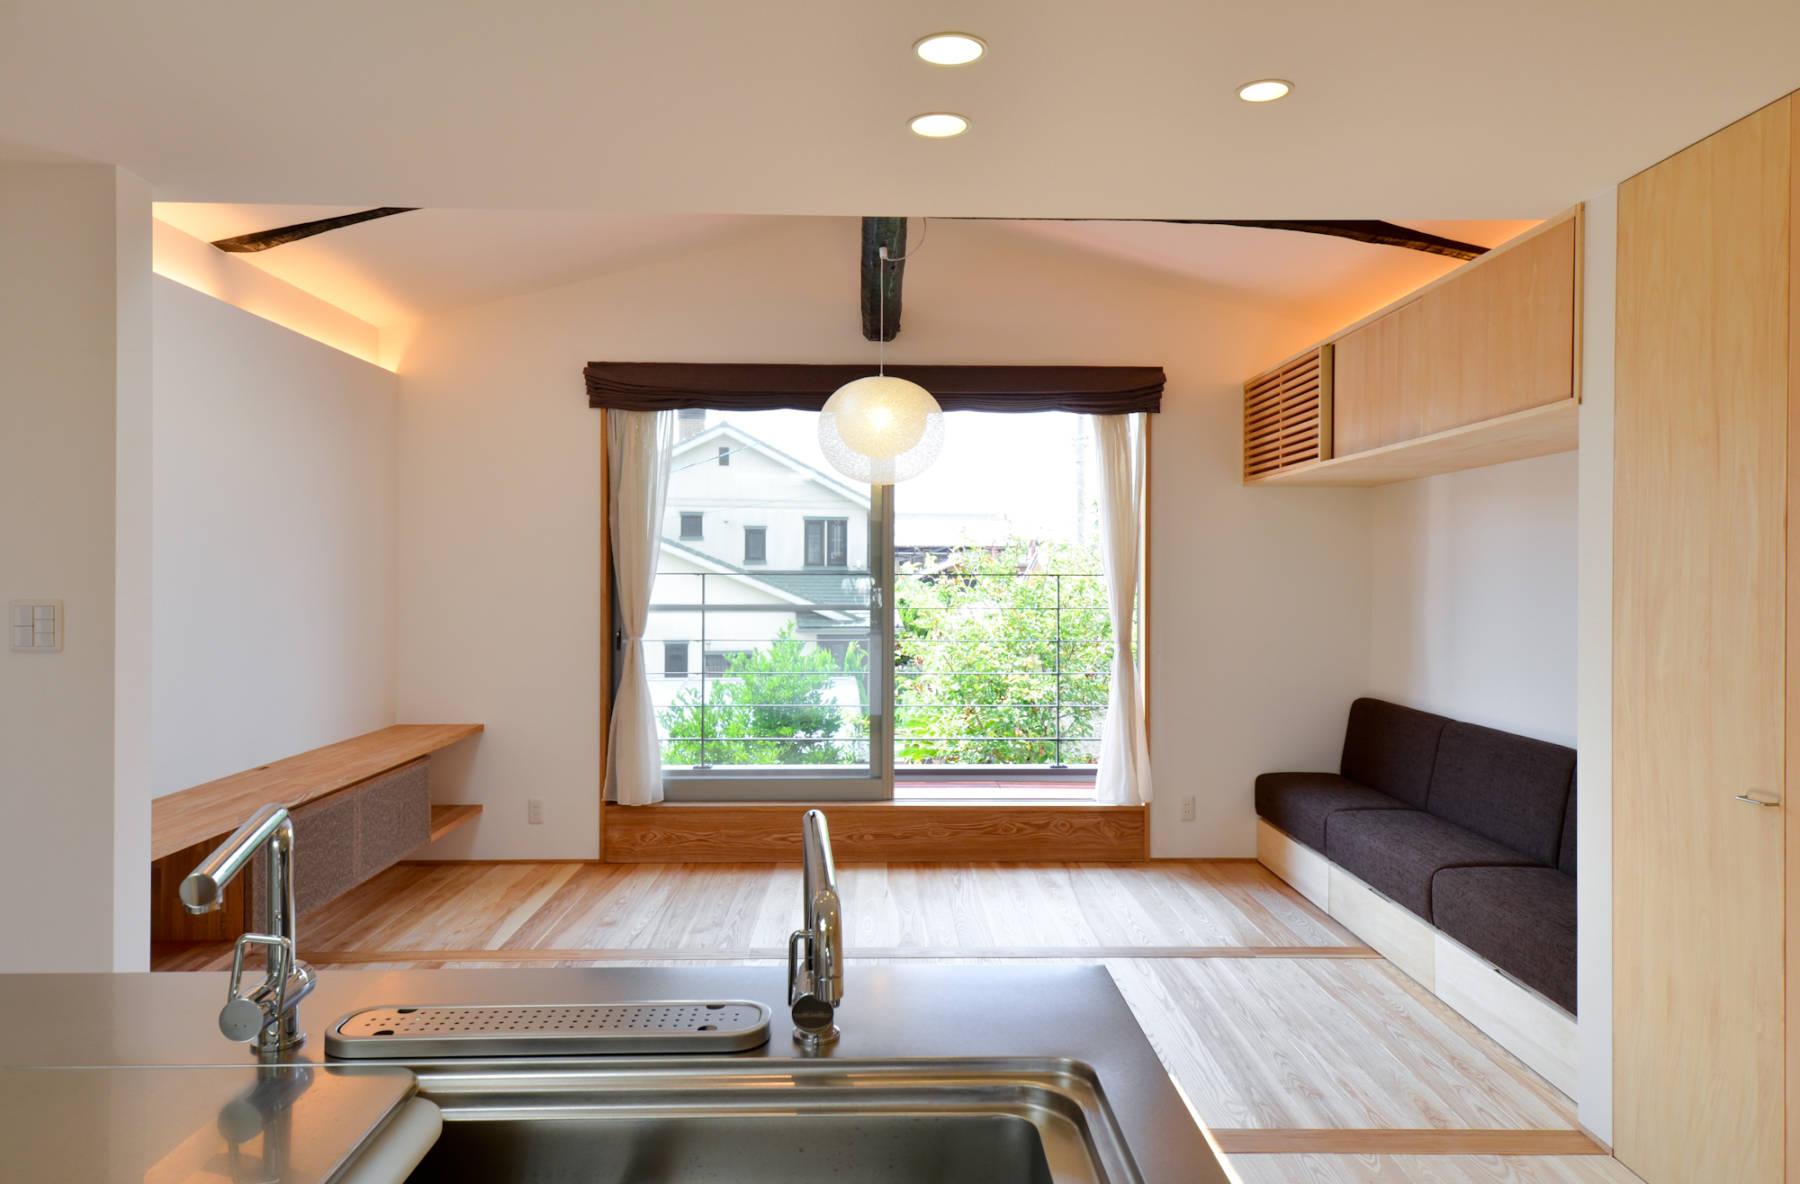 OSAFUNE M_House 二世帯住宅のリノベーション